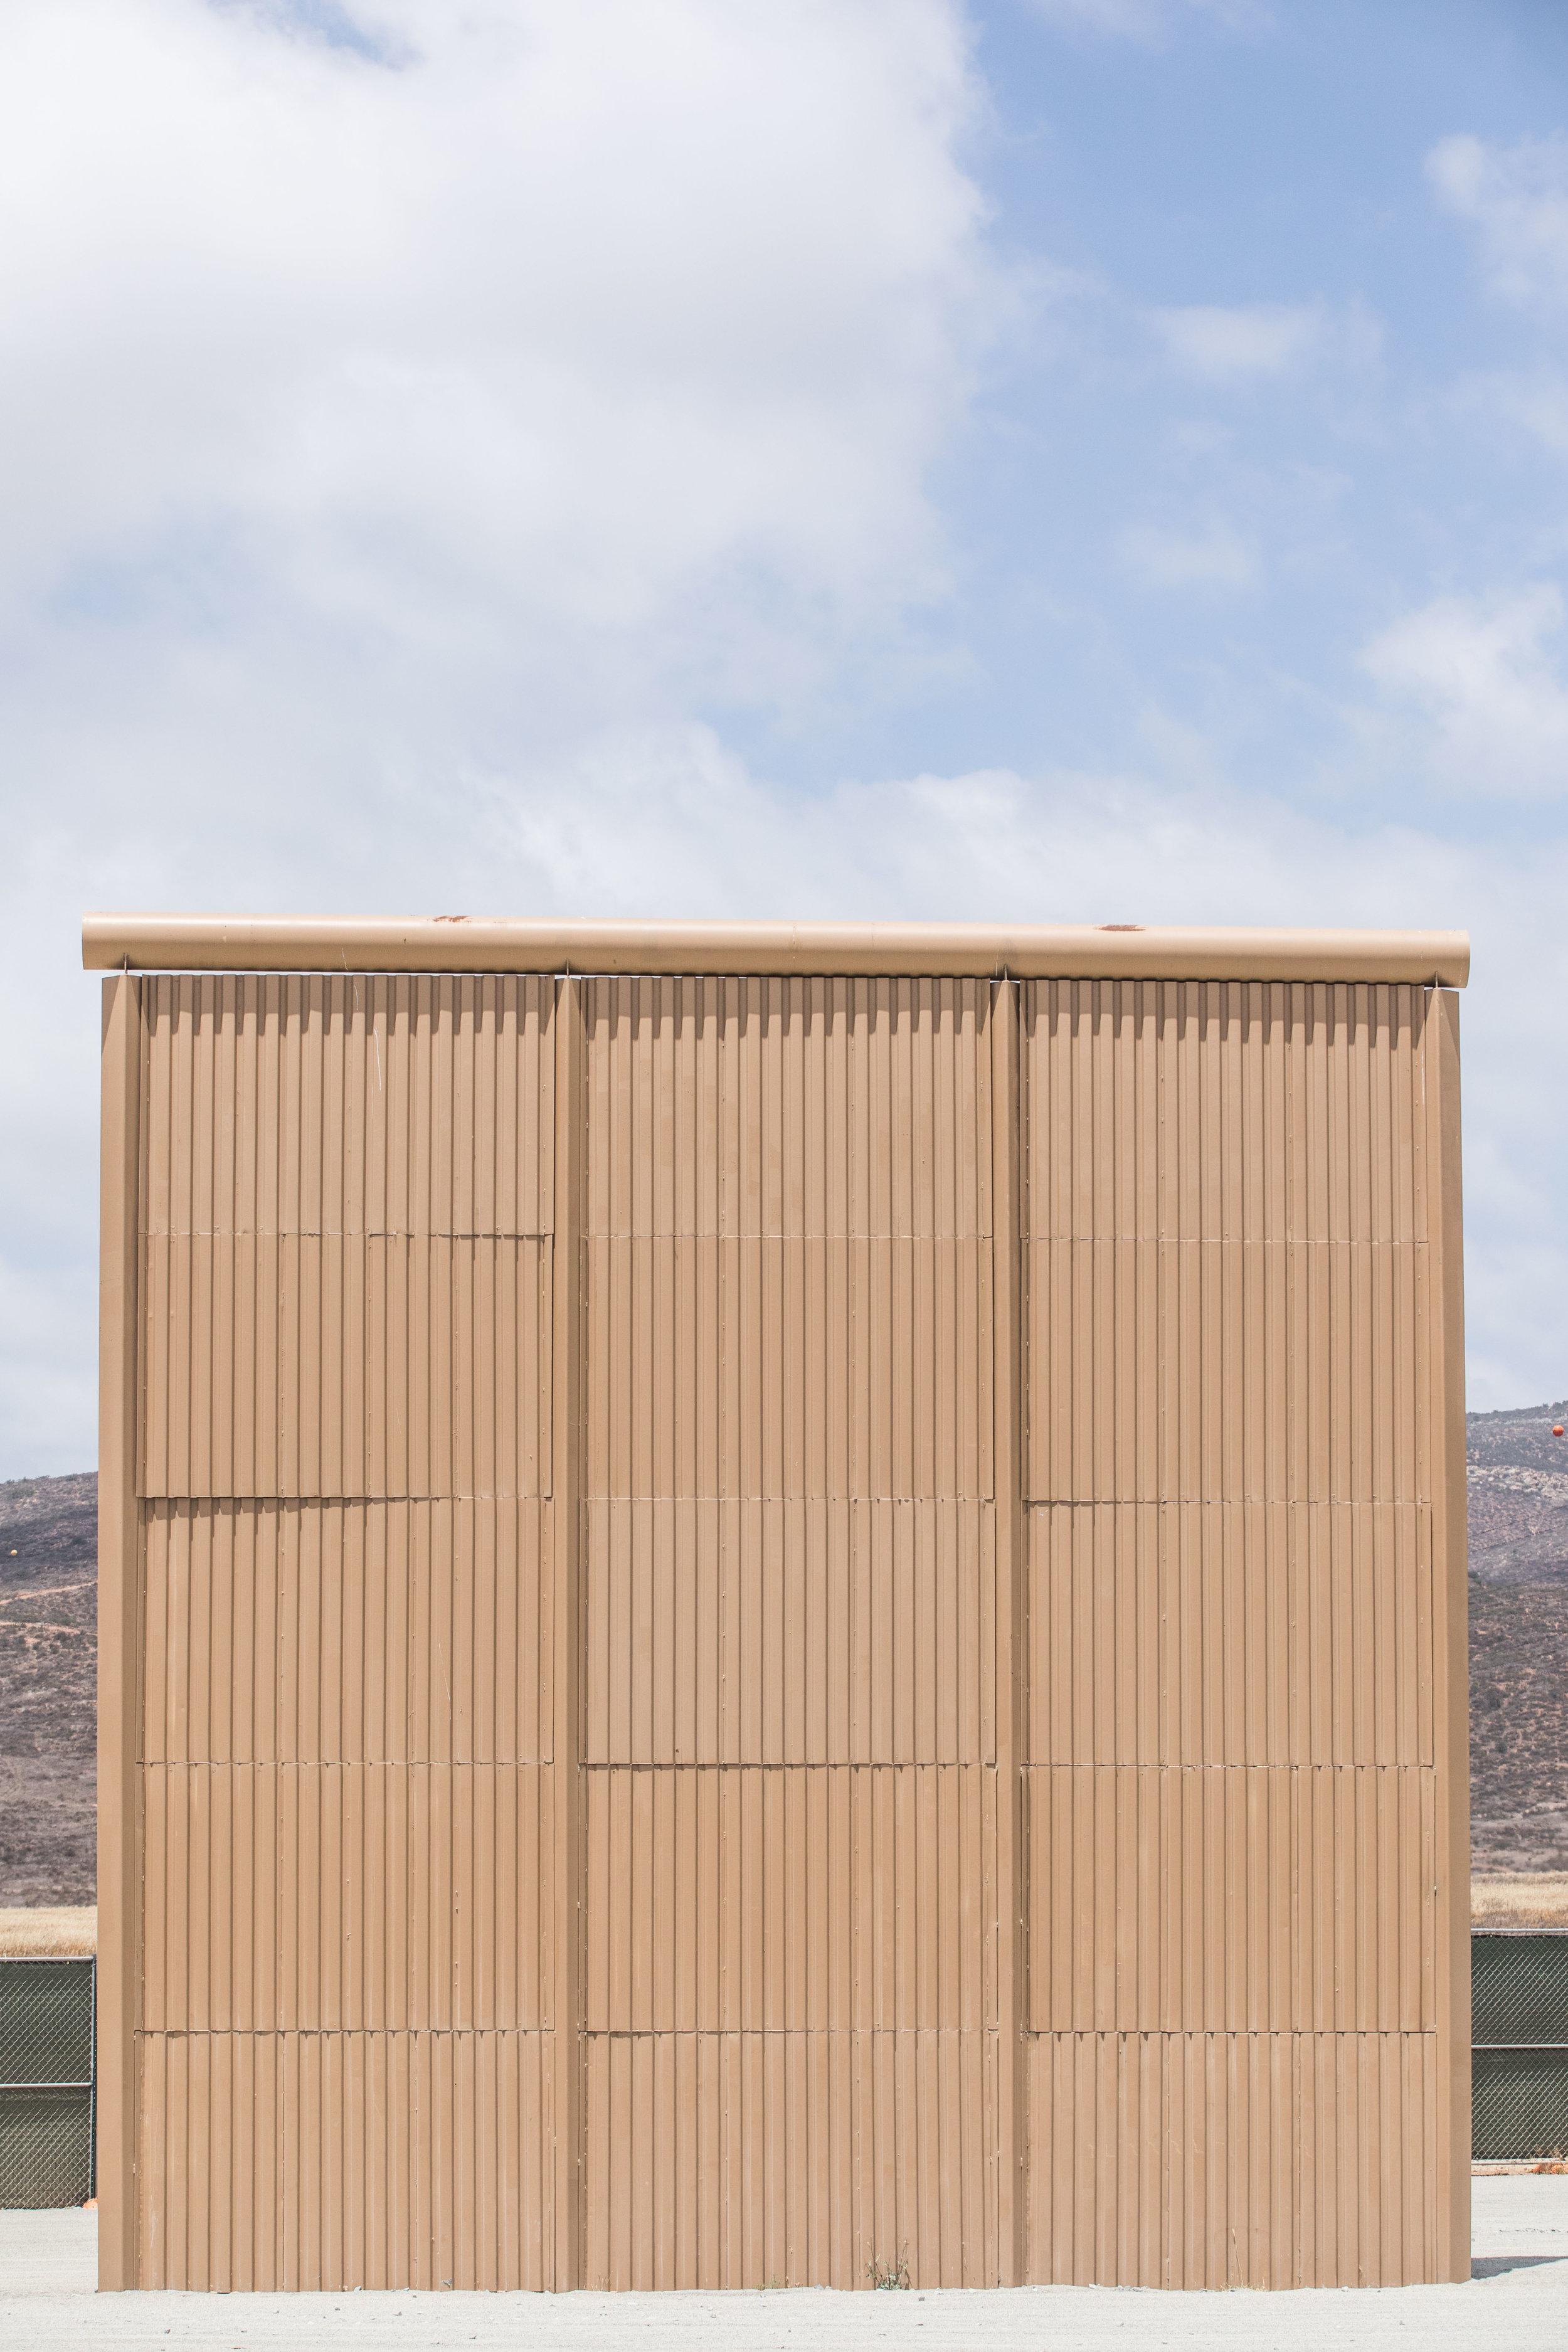 Border Wall Prototypes  (6 of 14).jpg